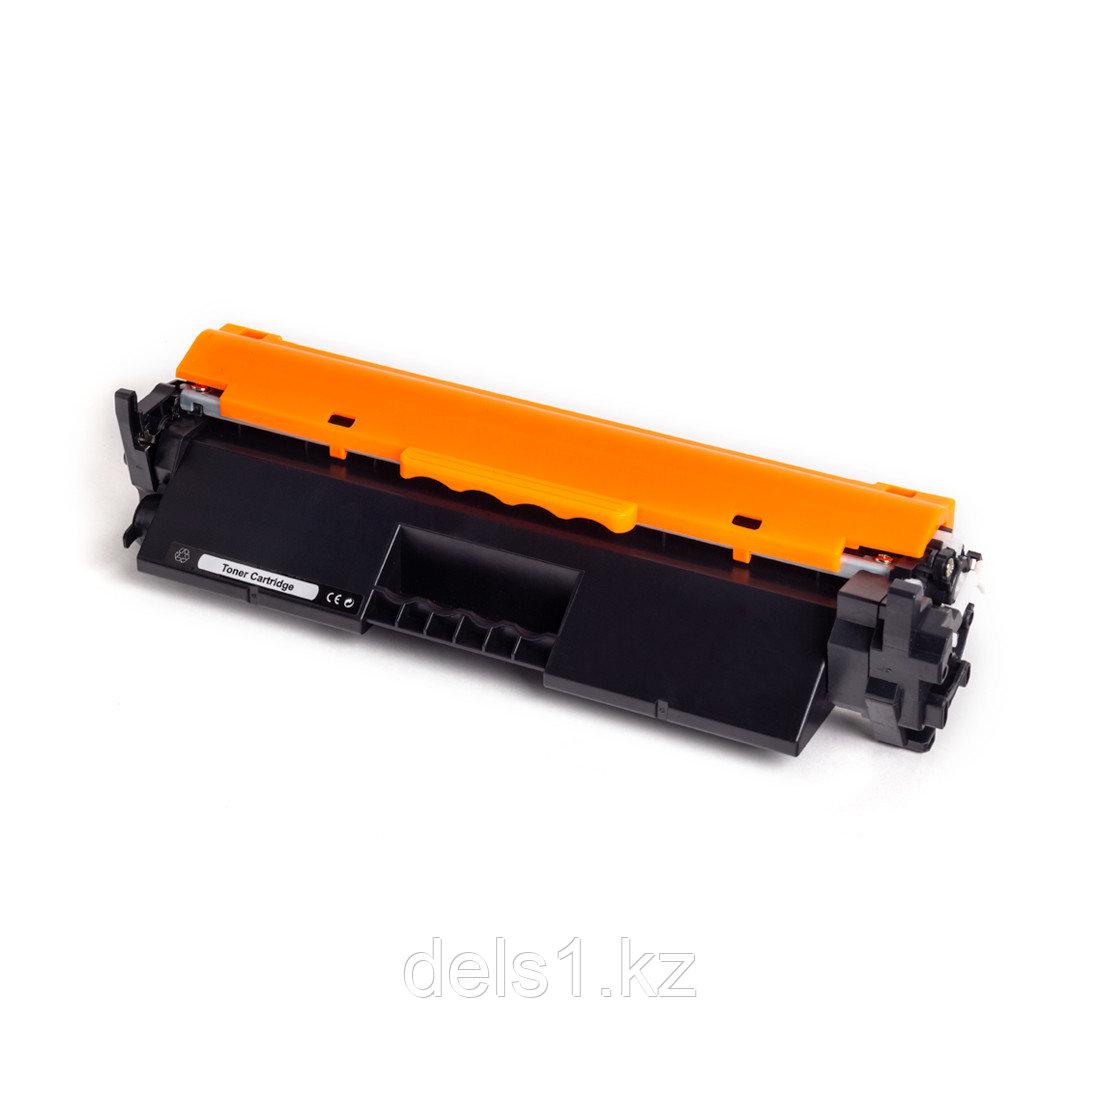 Картридж, Colorfix, CF230A (Без чипа), Для принтеров HP LaserJet Pro M203dn/M203dw/M227fdw/M227sdn/M227fdn